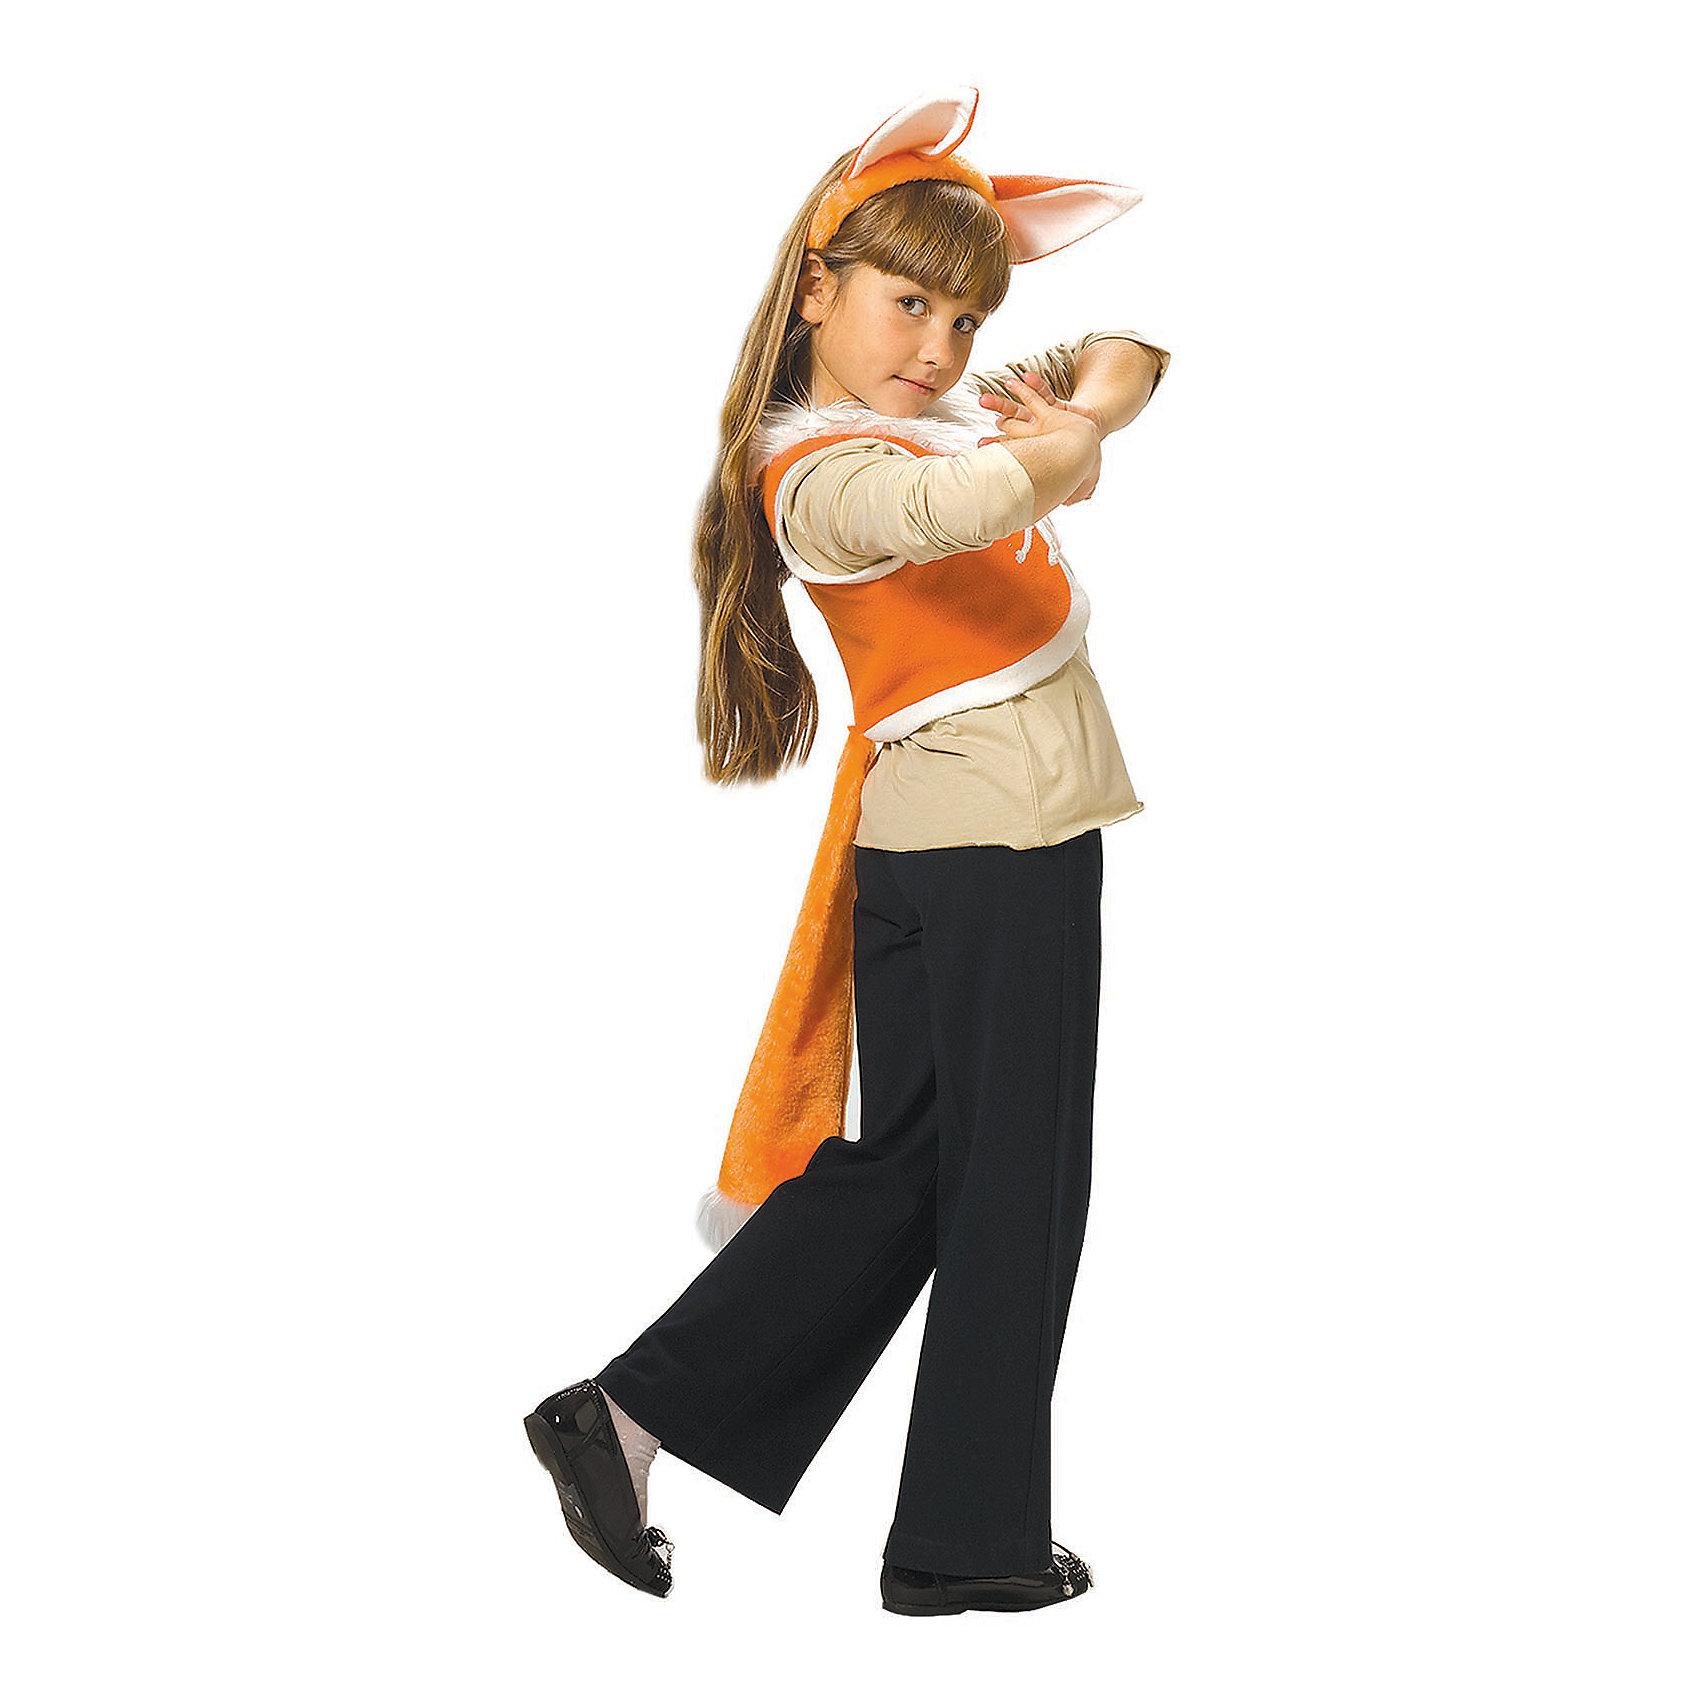 Карнавальный костюм для девочки Лиса, ВестификаКарнавальные костюмы для девочек<br>Карнавальный костюм Лиса состоит из жилетки и ободка. Жилетка выполнена из мягкого флиса и посажена на хлопчатобумажную подкладку. На груди жилетка завязывается шнурком. К жилетке пришит пушистый лисий хвост. Дополняет комплект ободок с ушками.<br><br>Дополнительная информация:<br><br>Комплектация:<br>Жилетка с хвостиком<br>Ободок с ушками<br>Ткани:<br>Флис (100% полиэстер)<br>Бязь (100% хлопок)<br><br>Карнавальный костюм для девочки Лиса, Вестифика можно купить в нашем магазине.<br><br>Ширина мм: 236<br>Глубина мм: 16<br>Высота мм: 184<br>Вес г: 100<br>Цвет: белый<br>Возраст от месяцев: 48<br>Возраст до месяцев: 60<br>Пол: Женский<br>Возраст: Детский<br>Размер: 104/110,116/122<br>SKU: 4389281